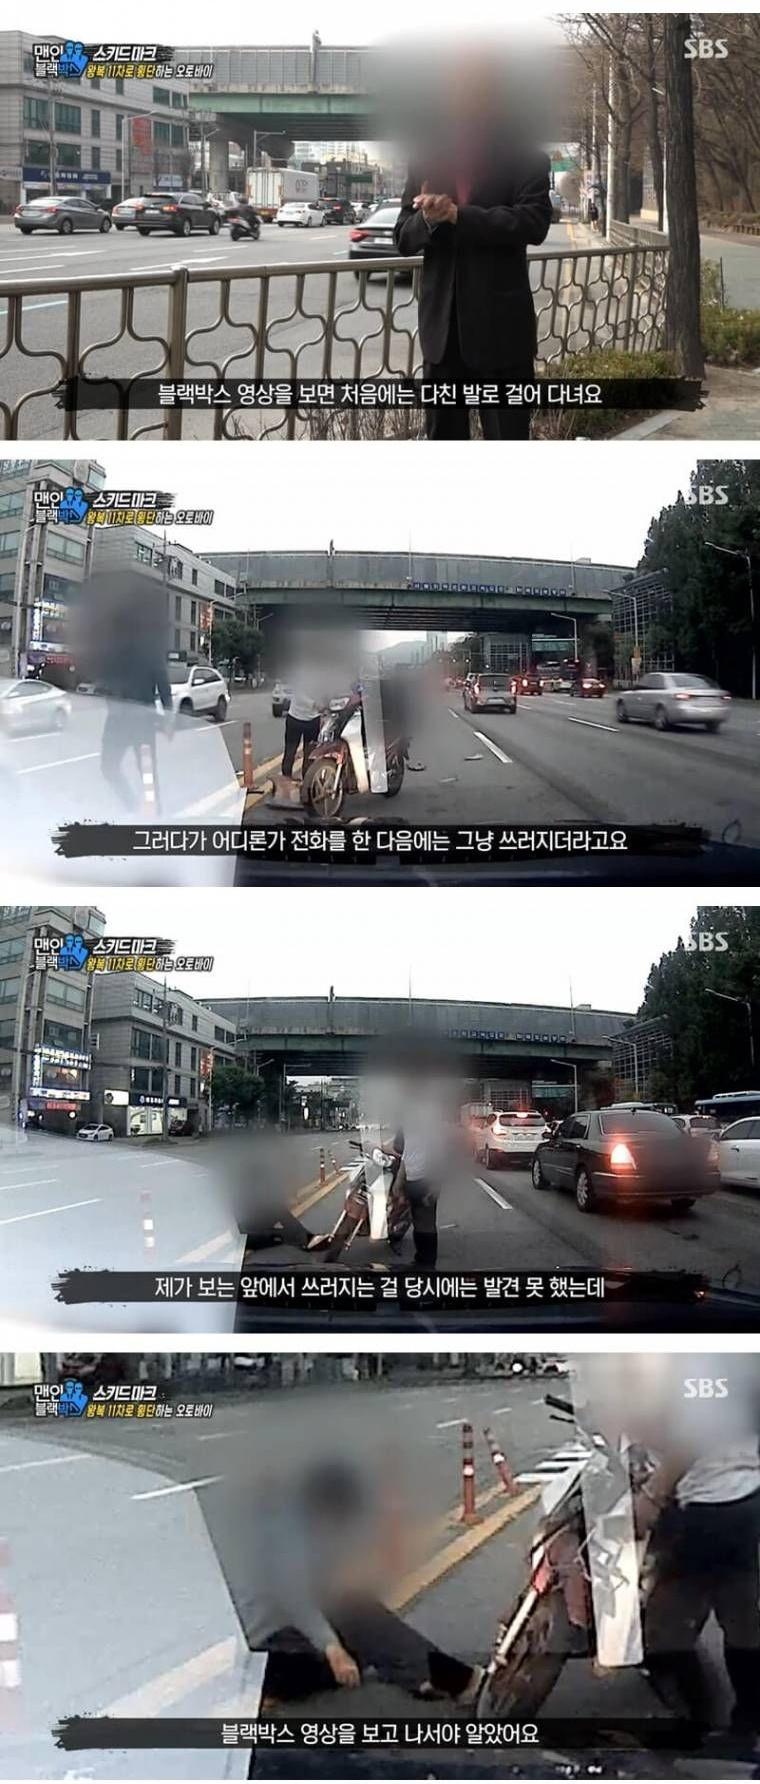 11차로 횡단 오토바이 사고 (스압)